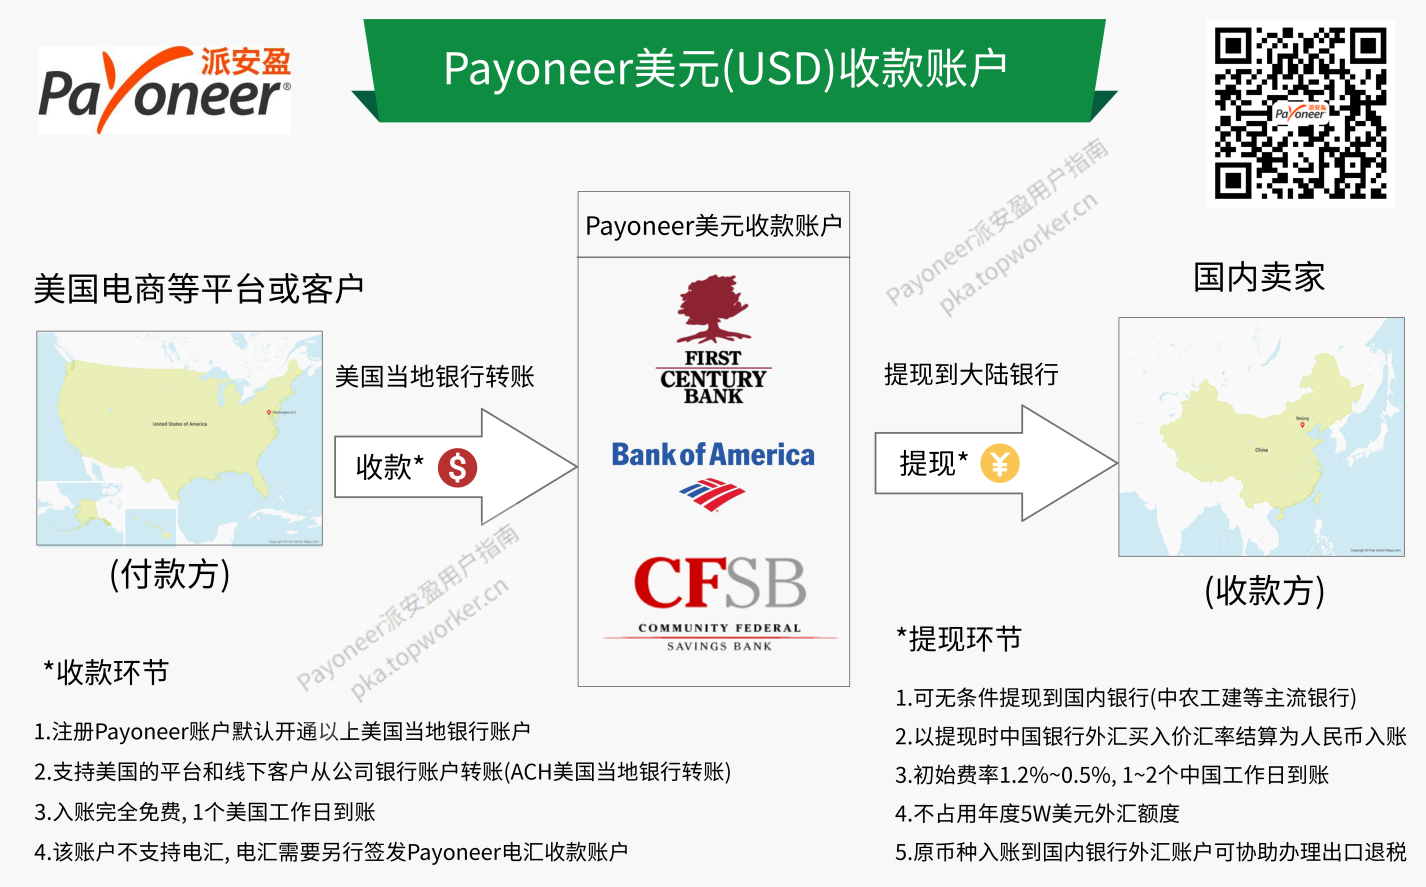 Payoneer全球收款服务 - USD美元收款账户收款流程图